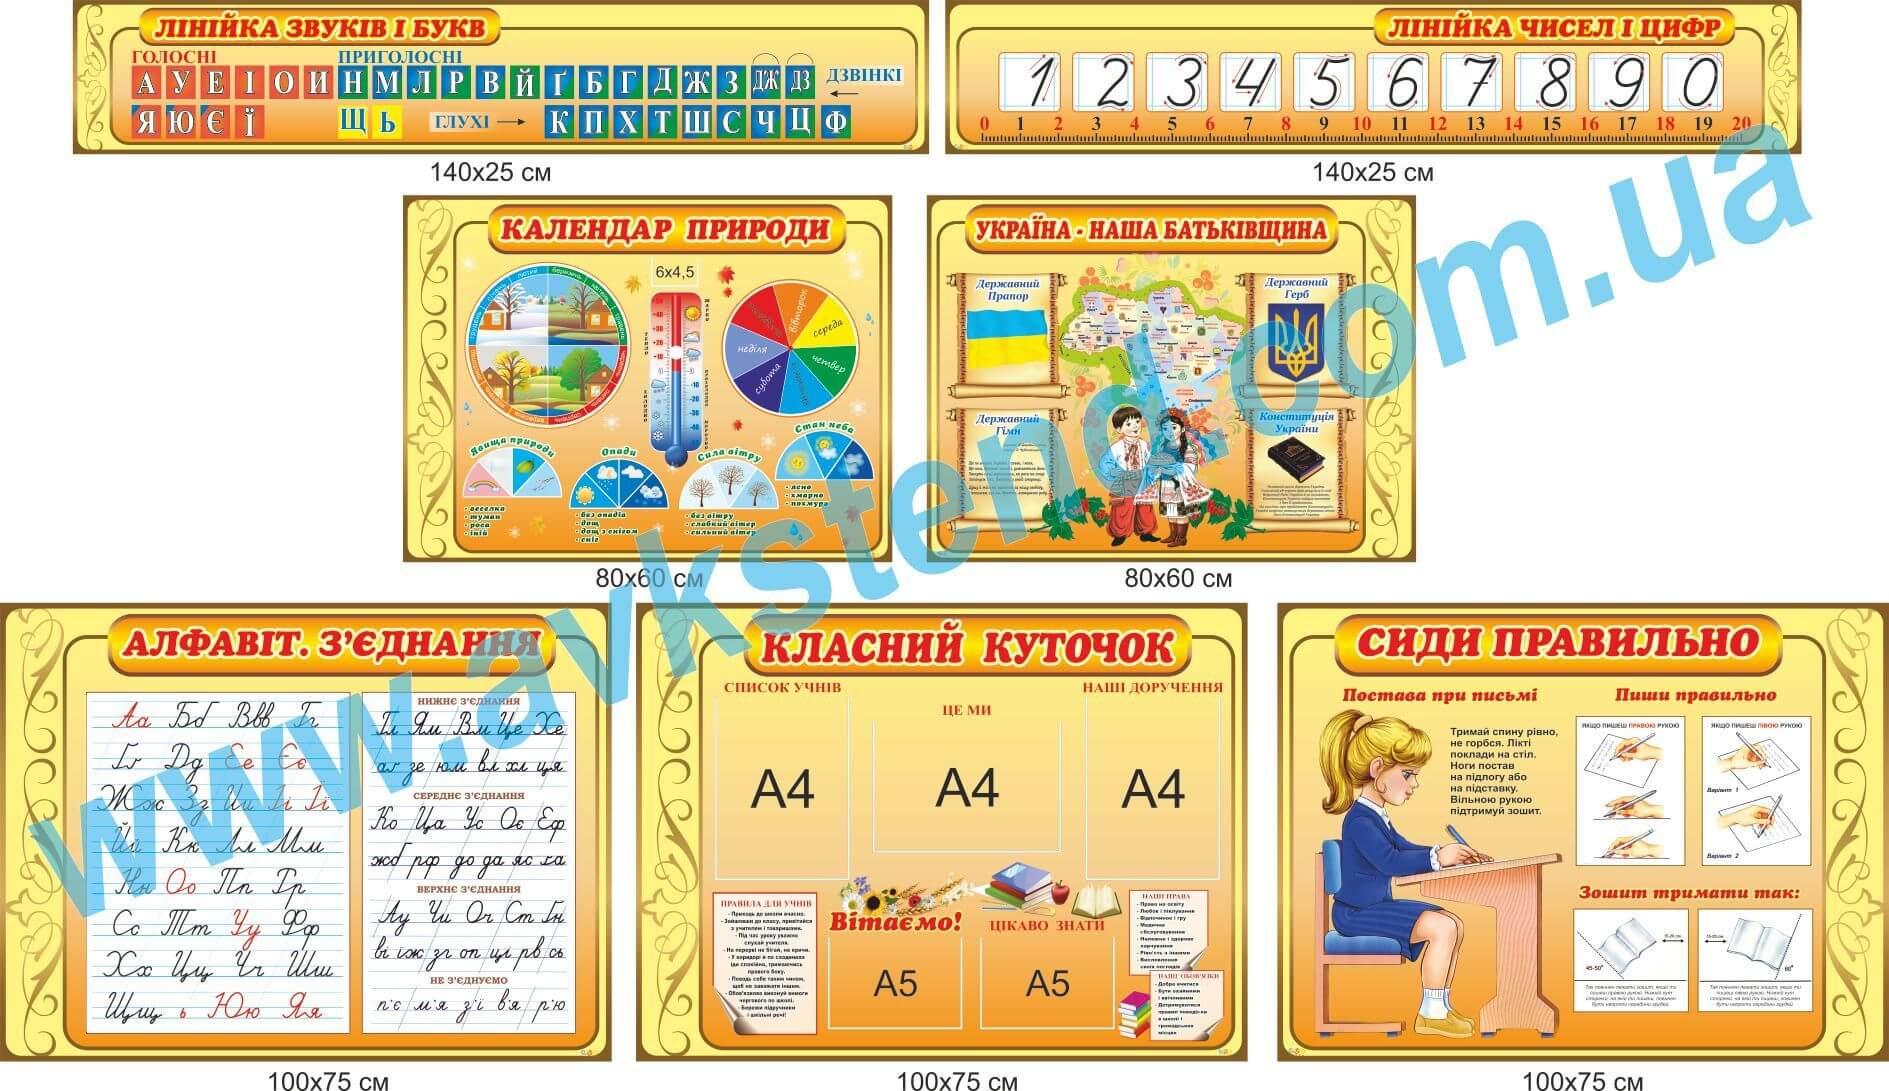 стенди для початкової школи замовити, стенди для школы, стенди для молодшої школи купити, стенды для начальной школы заказать, стенды для школы, стенды для младшей школы купить, Україна, Украина, сиди правильно, класний куток, куточок для батьків, державна символіка, календар погоди, кращі роботи, куточок читача, алфавіт, сиди правильно, классный уголок, уголок для родителей, государственная символика, календарь погоды, лучшие работы, уголок читателя, алфавіт, Україна, Украина, стенди для школи купити, стенди для школи замовити, стенди для кабінету, стенди для шкільного кабінету, оформлення кабінетів, оформлення шкільного кабінету, стенды для школы купить, стенды для школы заказать, стенды для кабинета, стенды для школьного кабинета, Україна, Украина,